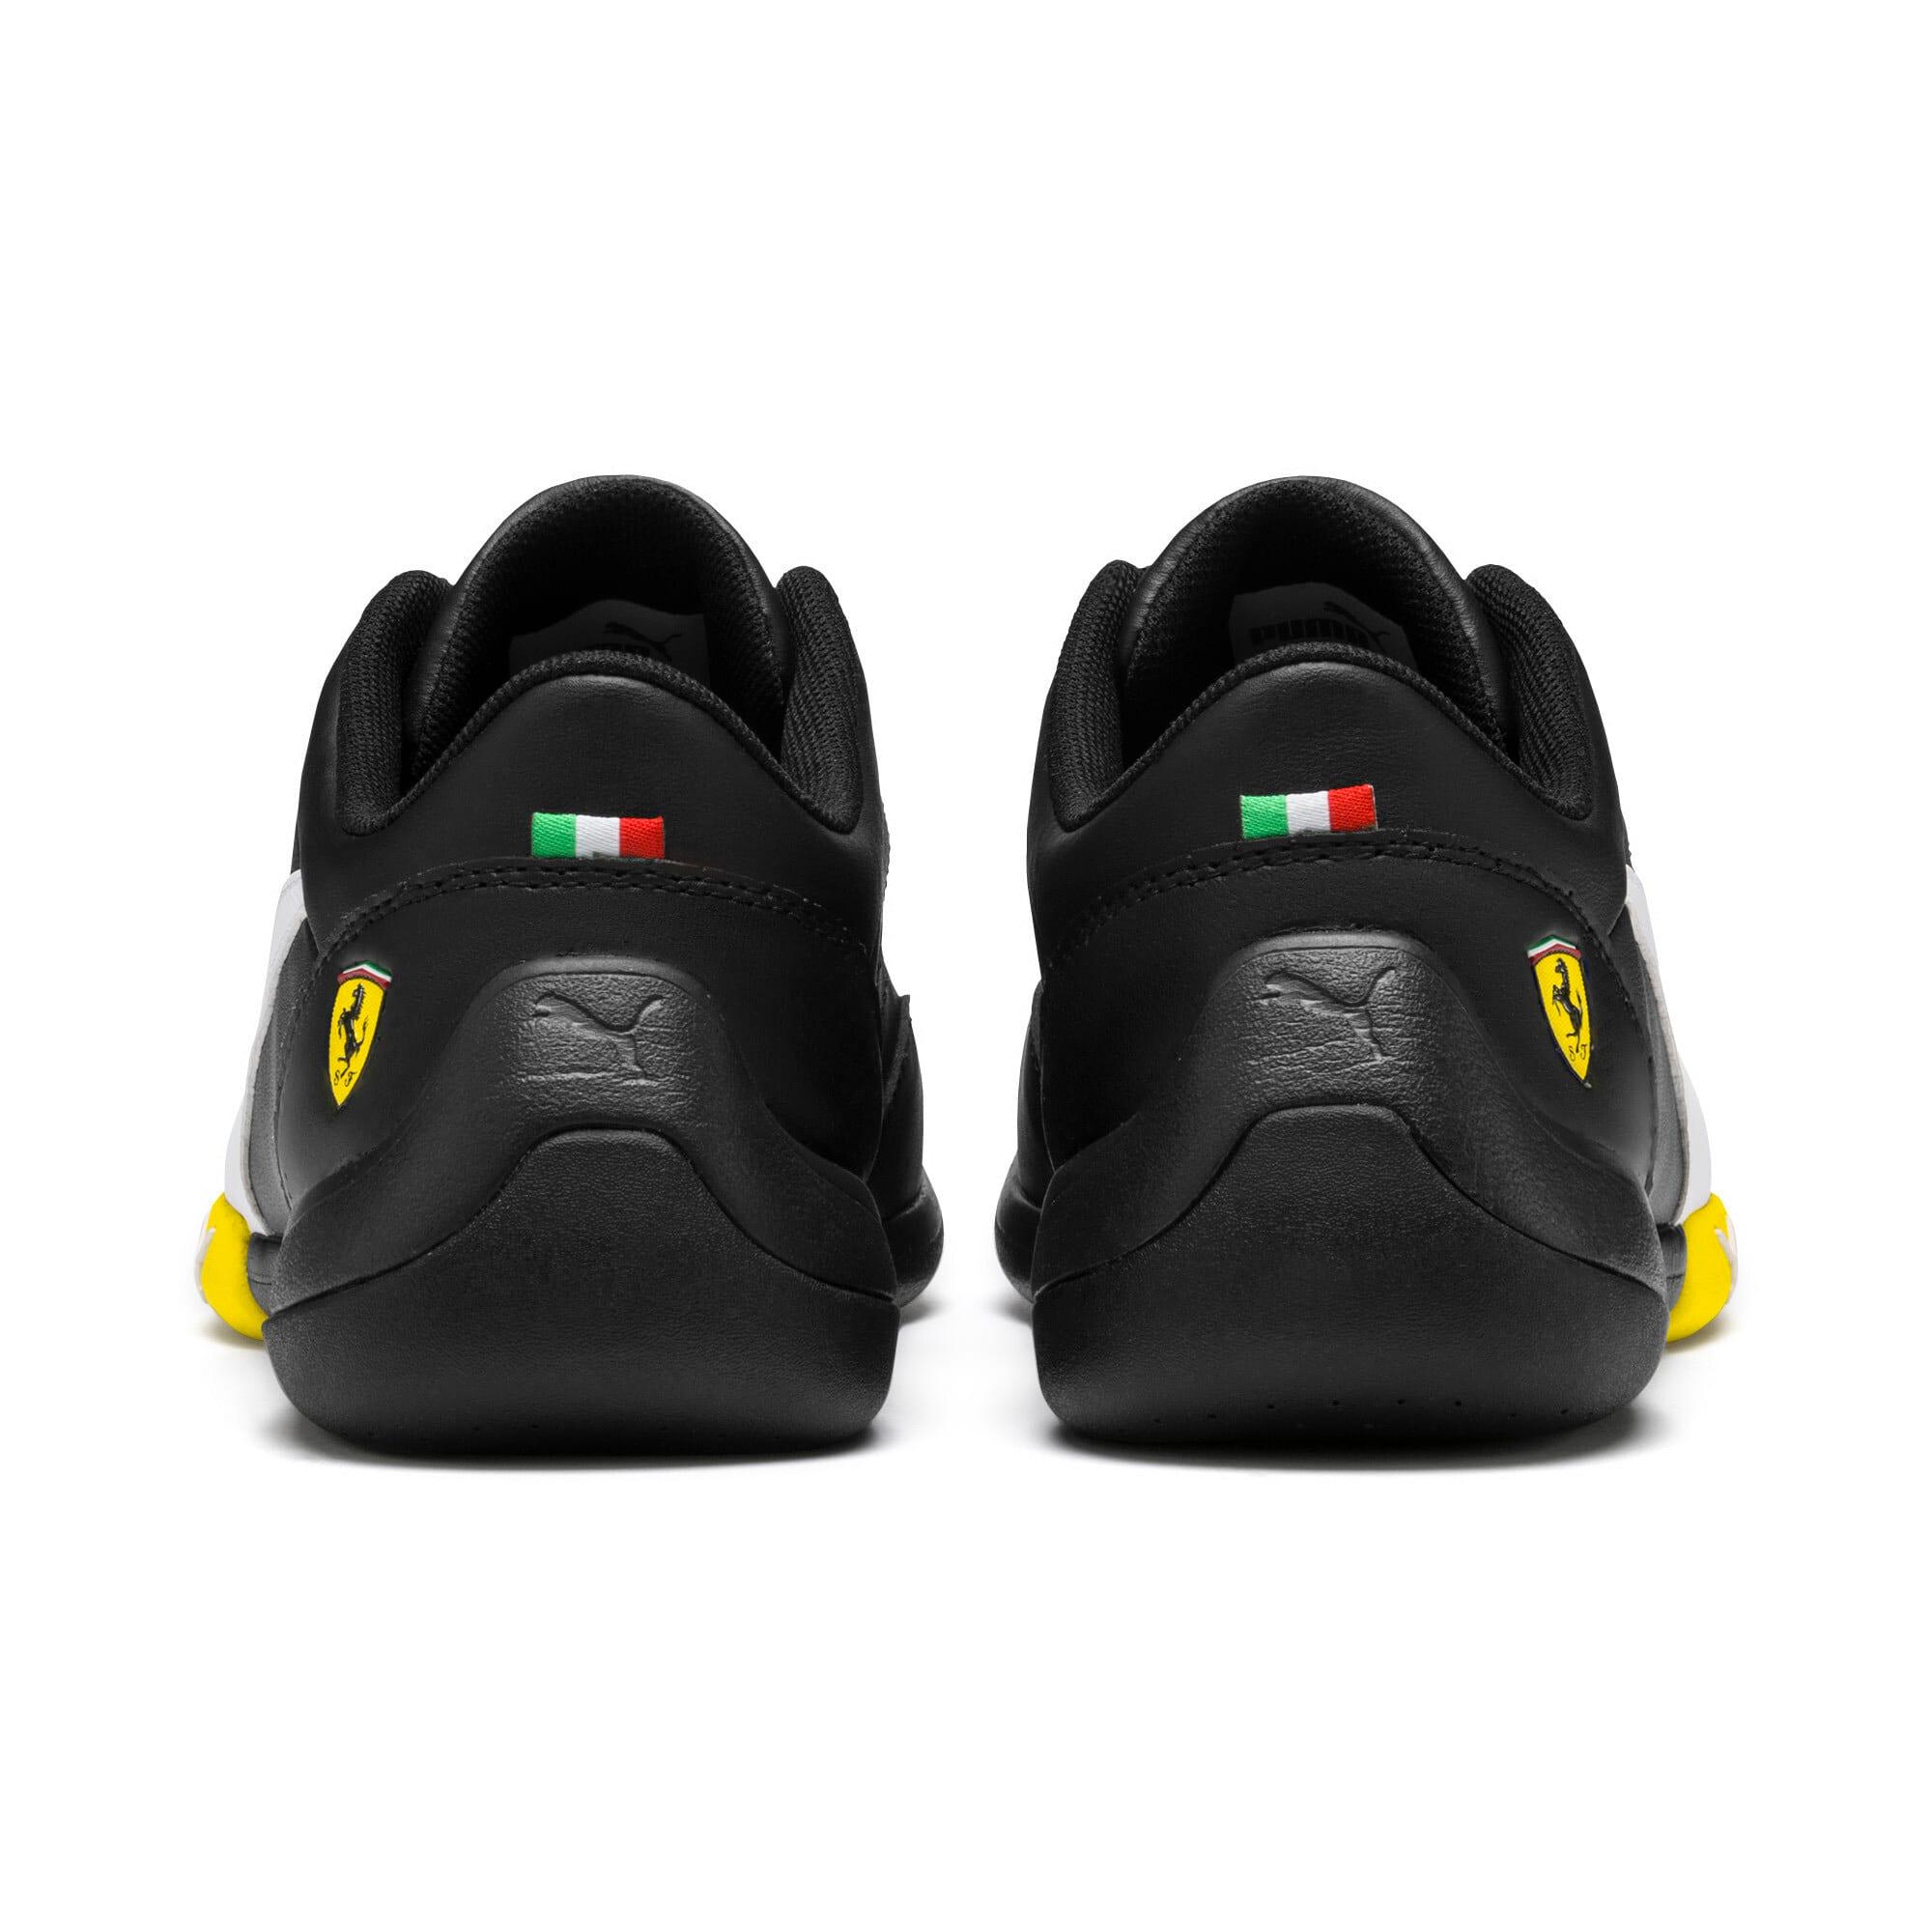 Thumbnail 4 of Ferrari Kart Cat III Youth Trainers, Black-White-Blazing Yellow, medium